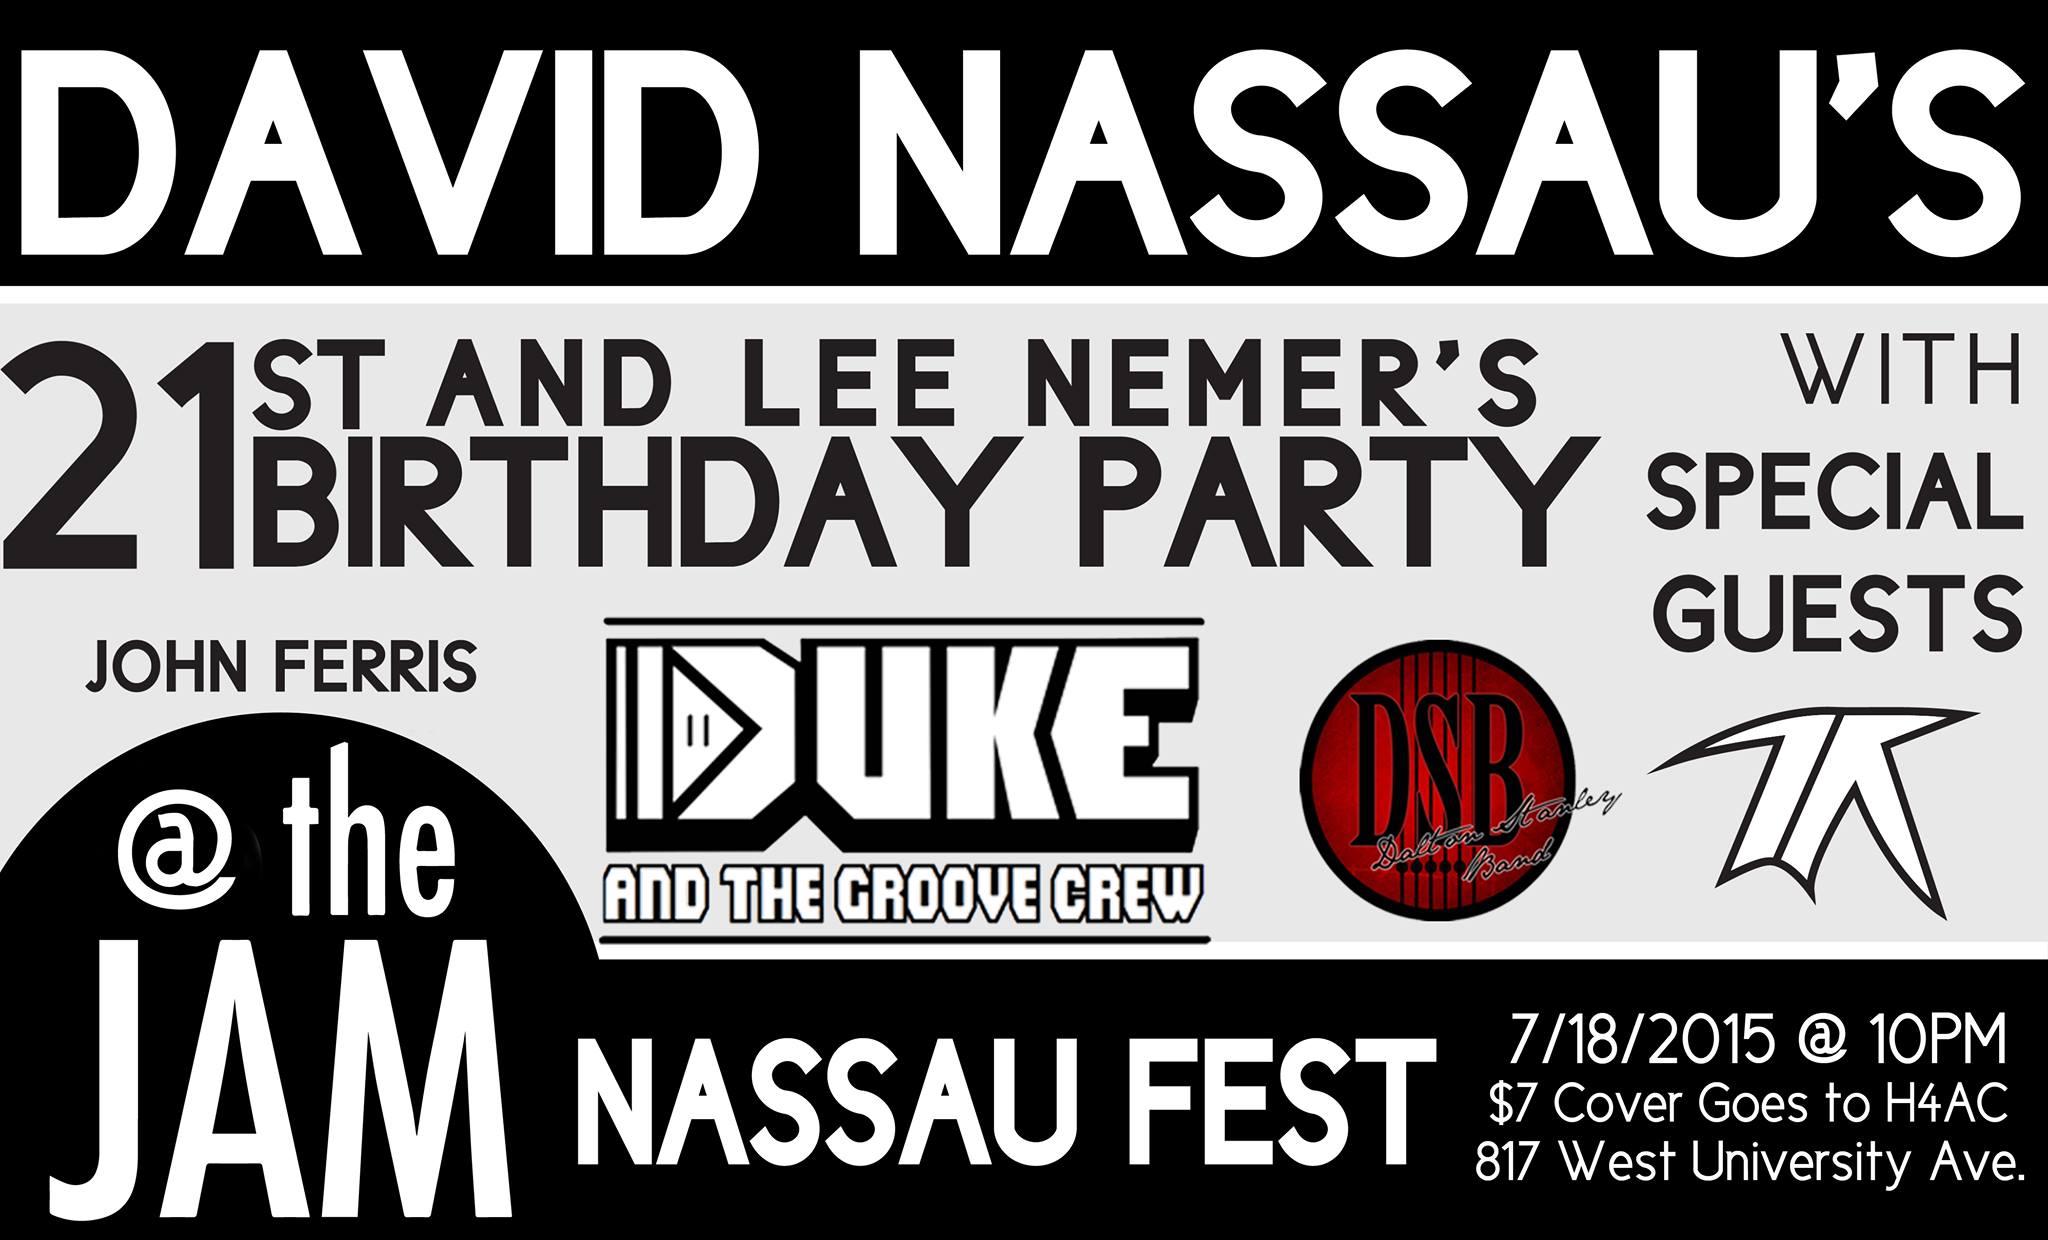 David Nassau Fest